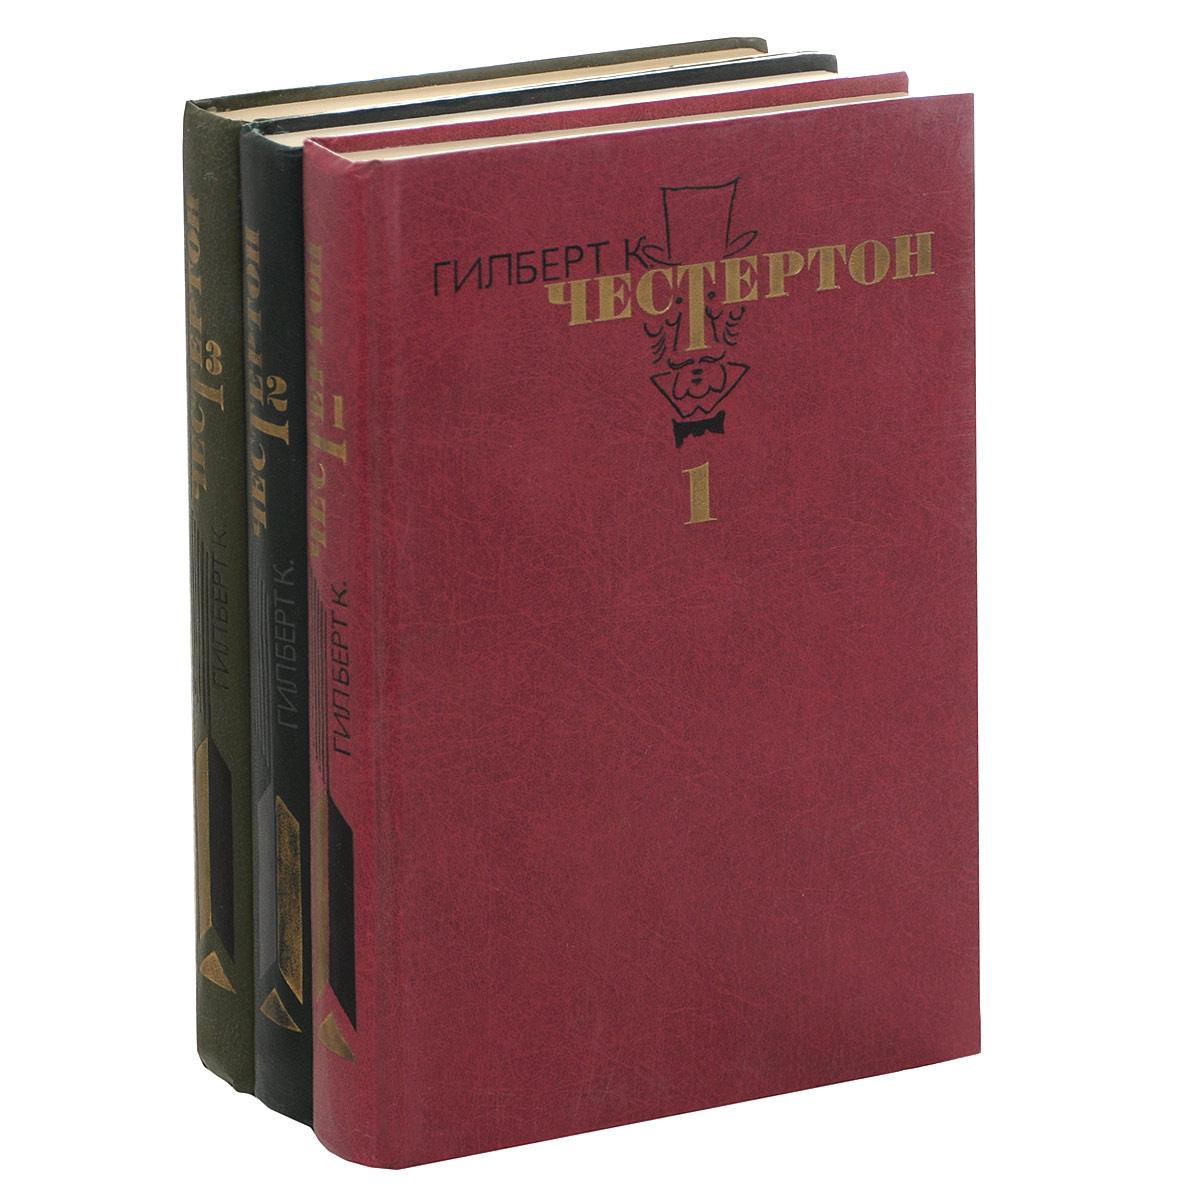 Гилберт К. Честертон. Избранные произведения в 3 томах (комплект) | Честертон Гилберт Кит  #1